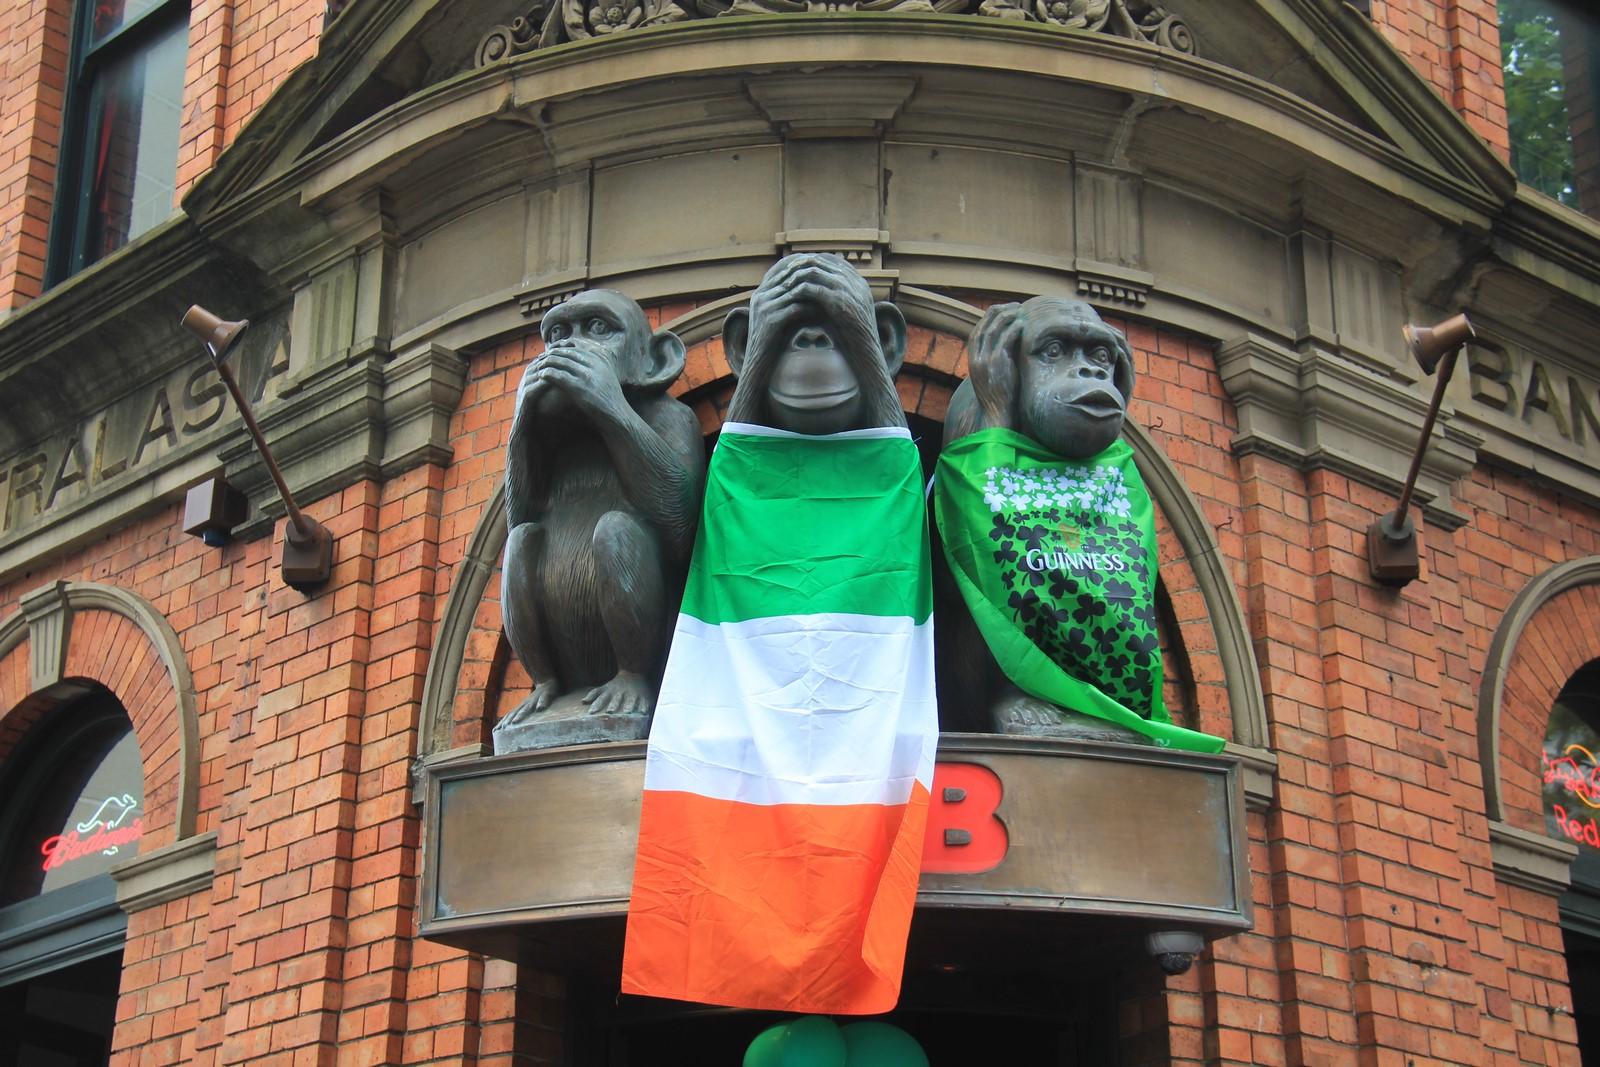 On s'envole bientôt pour l'Irlande !